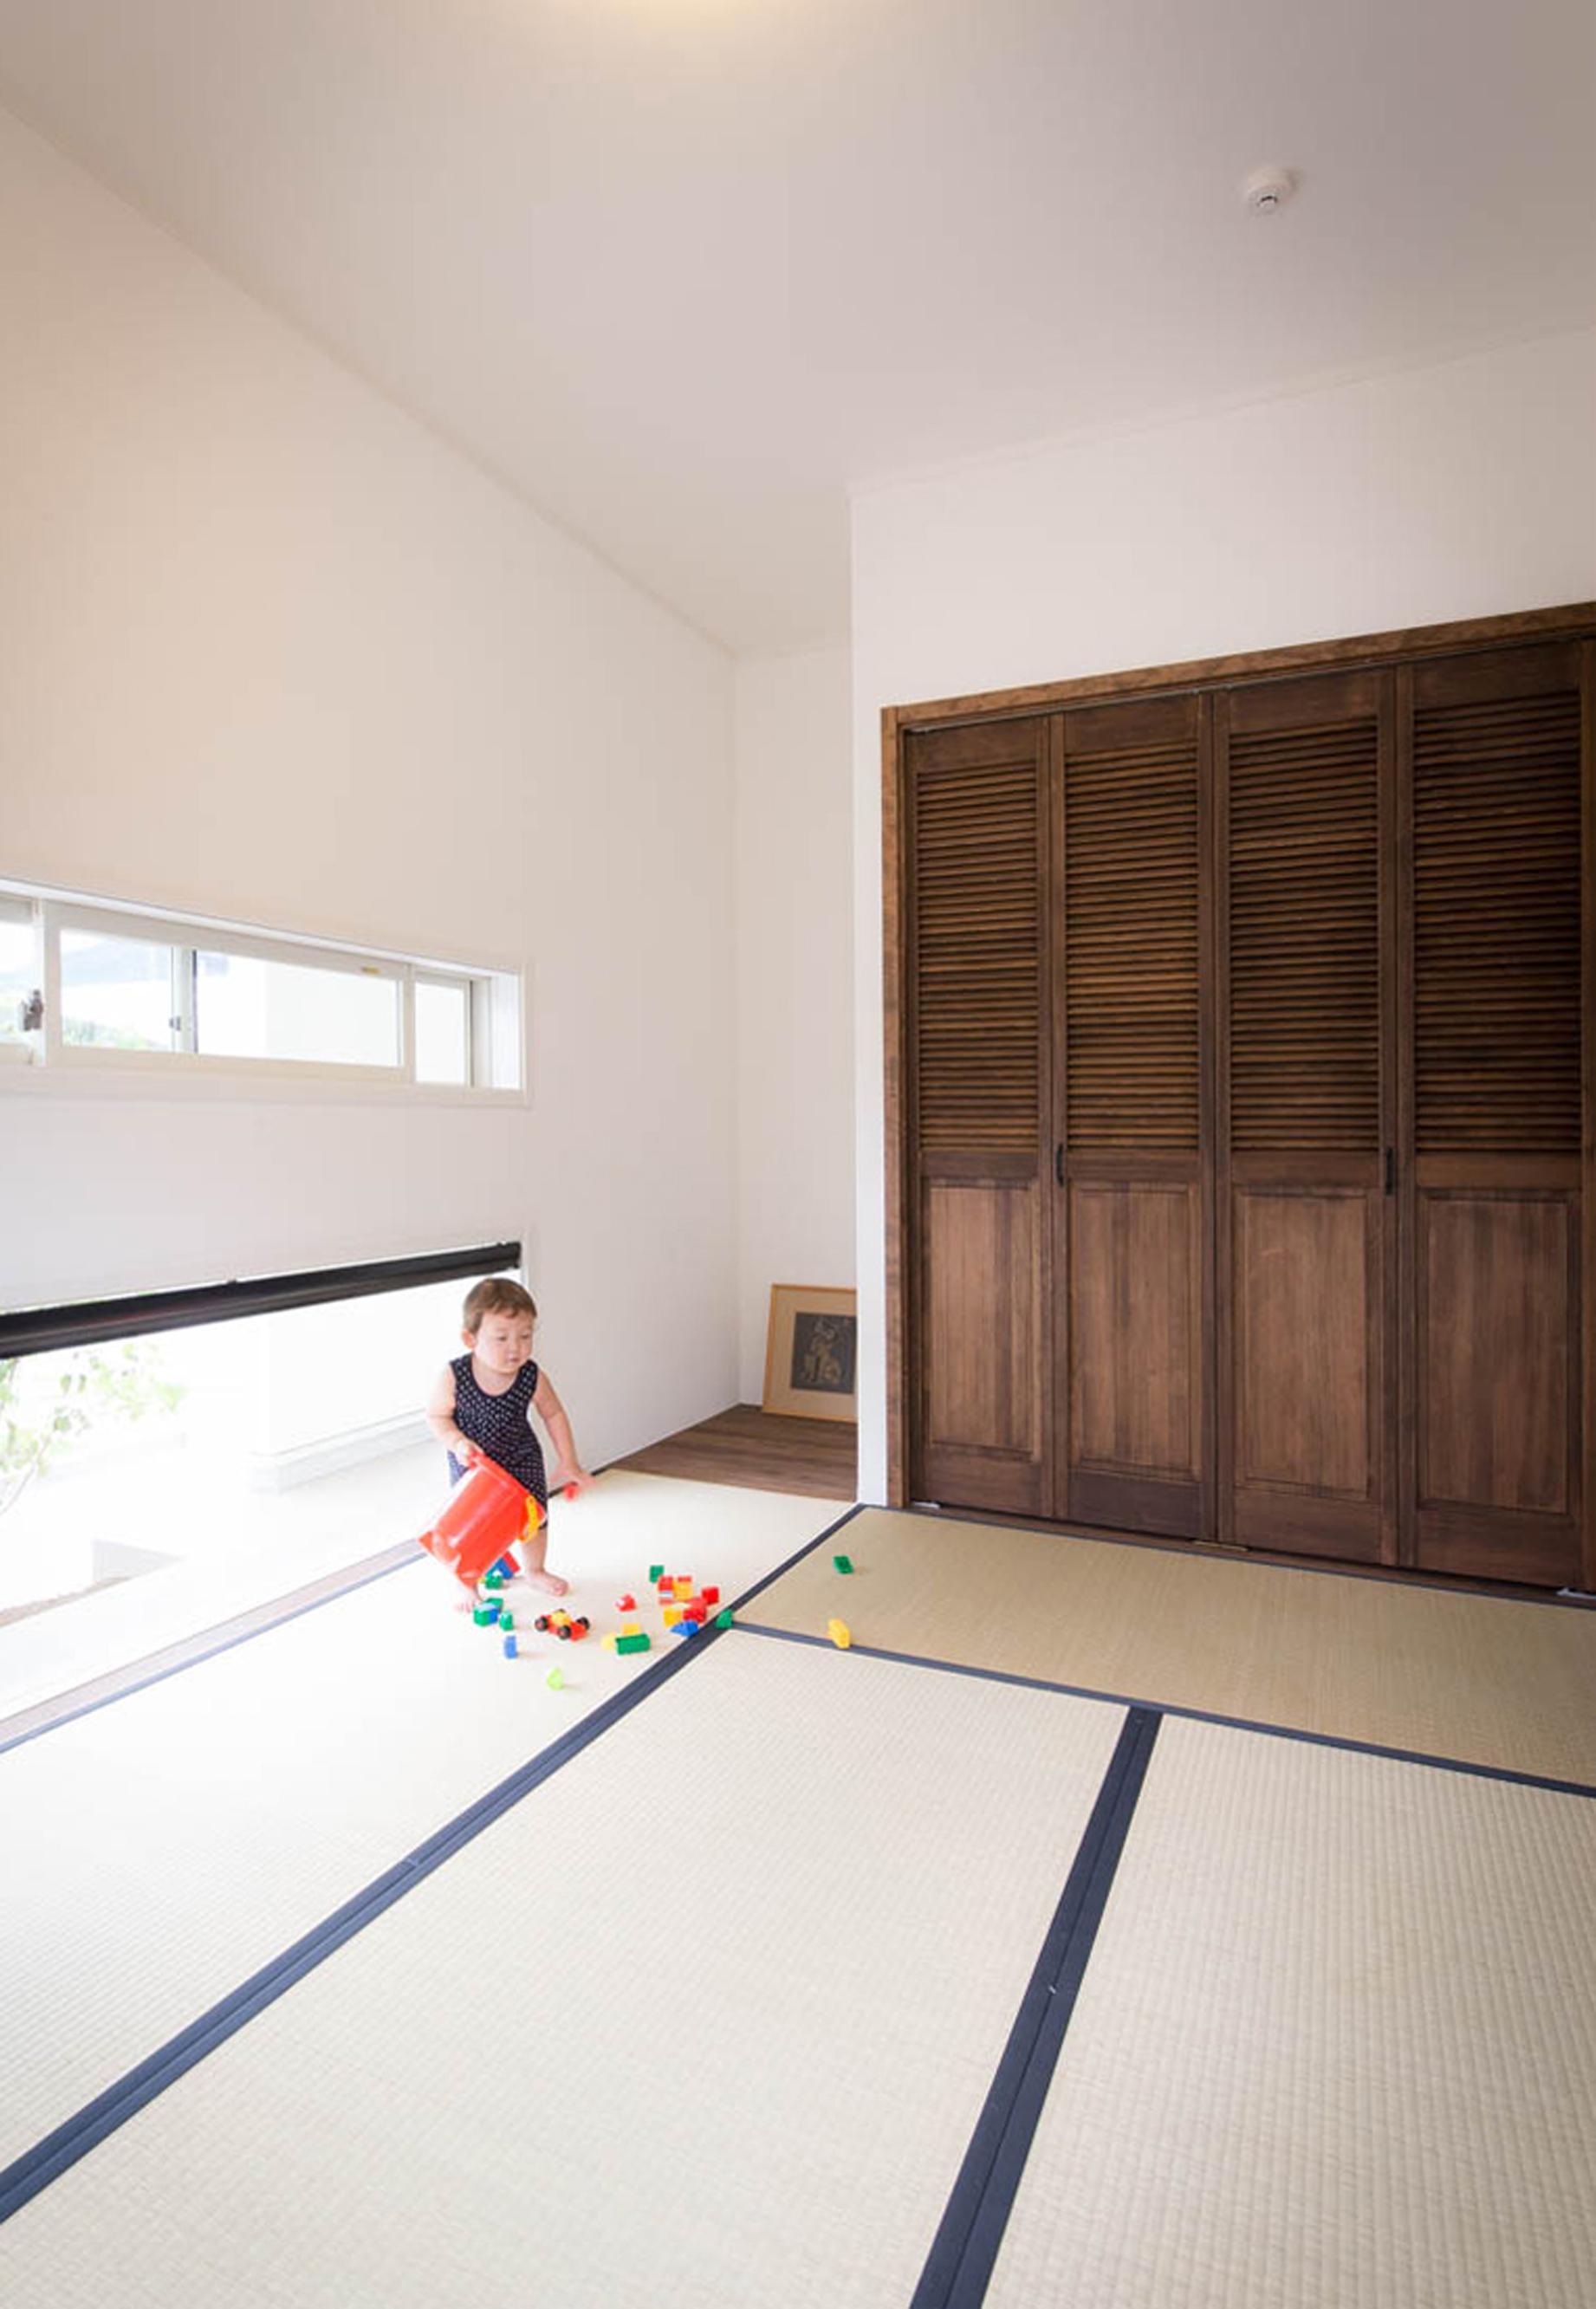 ハートホーム【デザイン住宅、収納力、間取り】リビング横の和室。道路に面しているため、窓は低めの位置に作り、ポーチに植えた木の緑が見える。今は客間として、将来は自分たちの寝室にと考えているそうだ